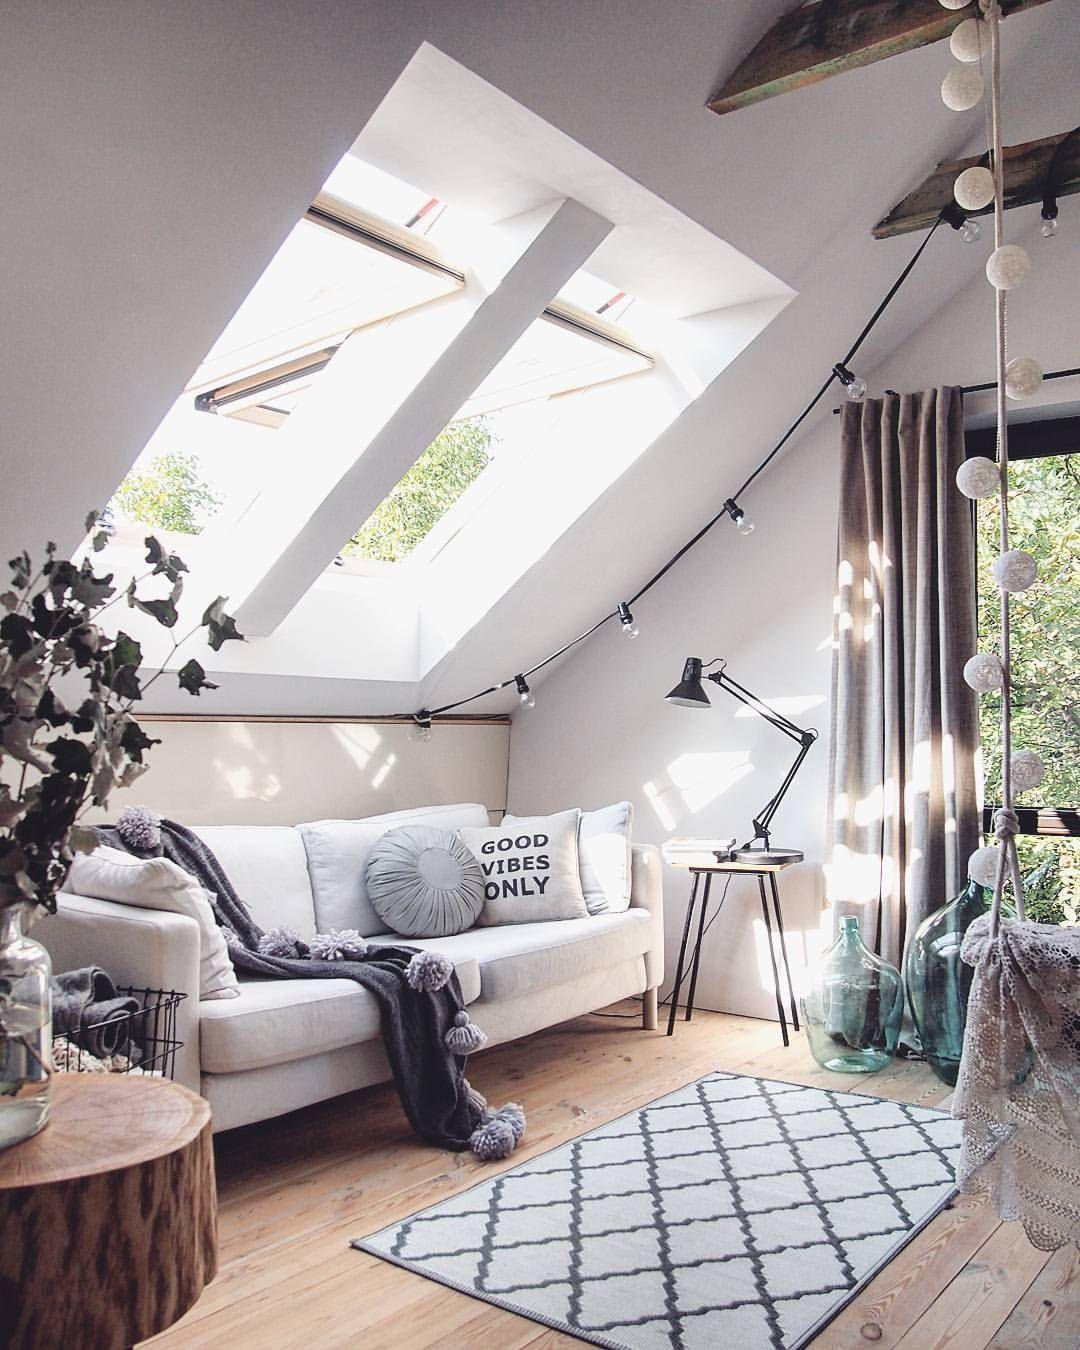 Loft bedroom windows  Sieh dir dieses InstagramFoto von marzenarideko an u Gefällt